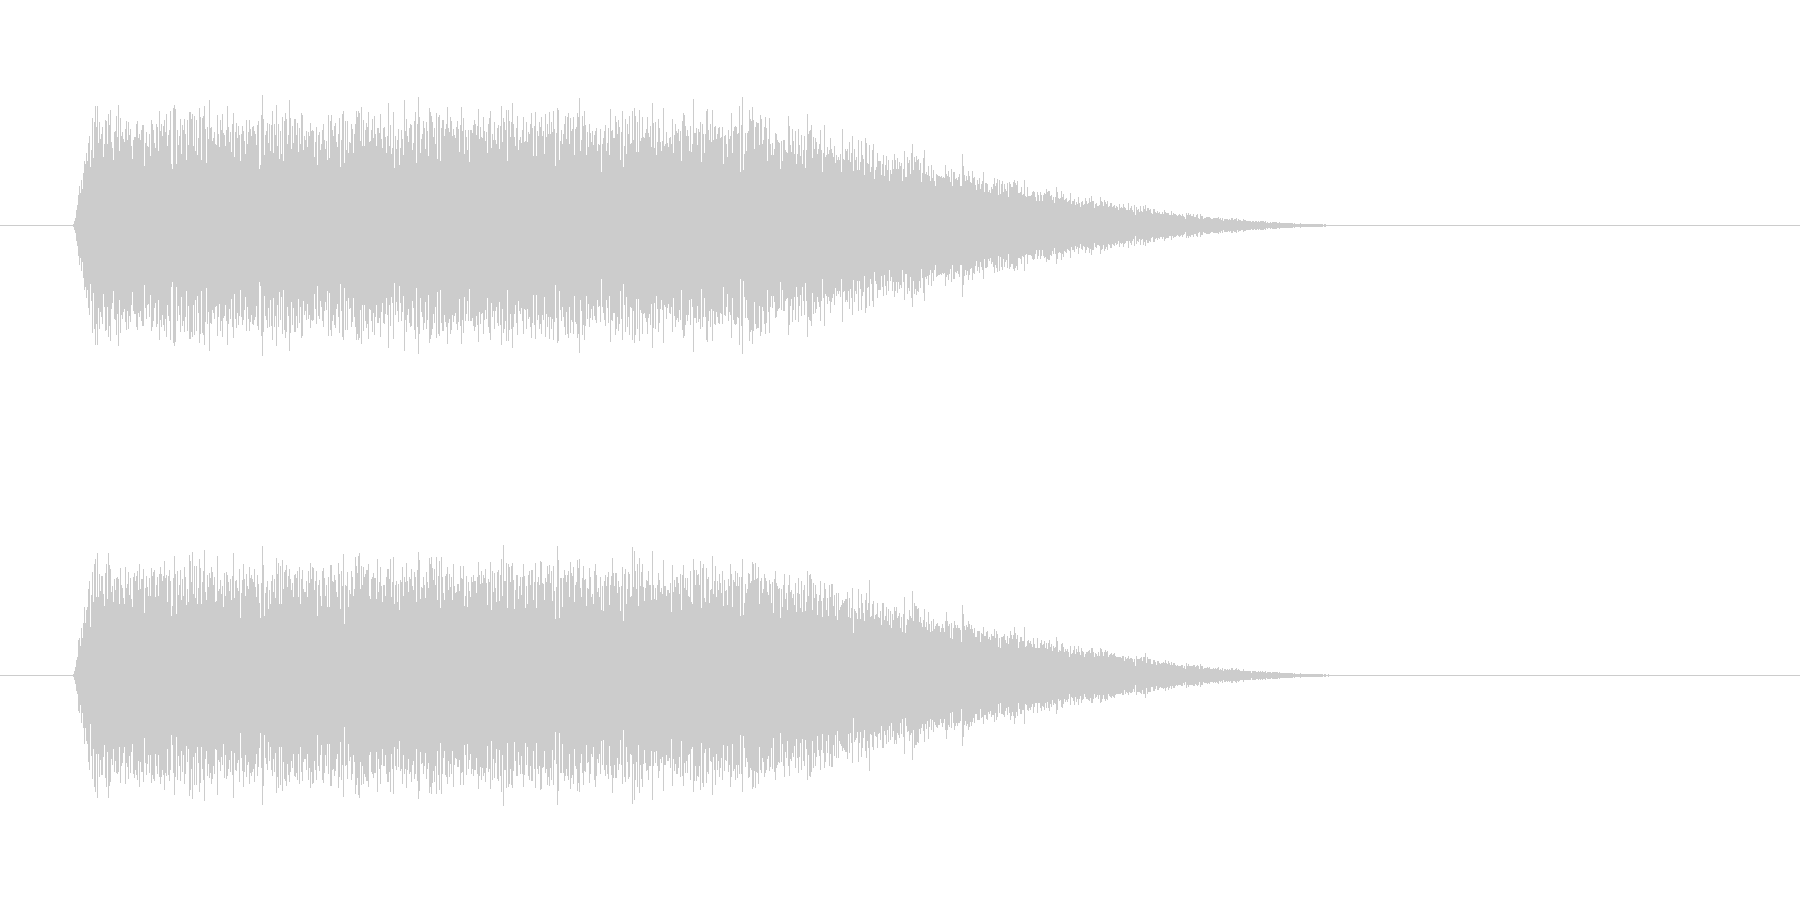 上昇イメージの未再生の波形